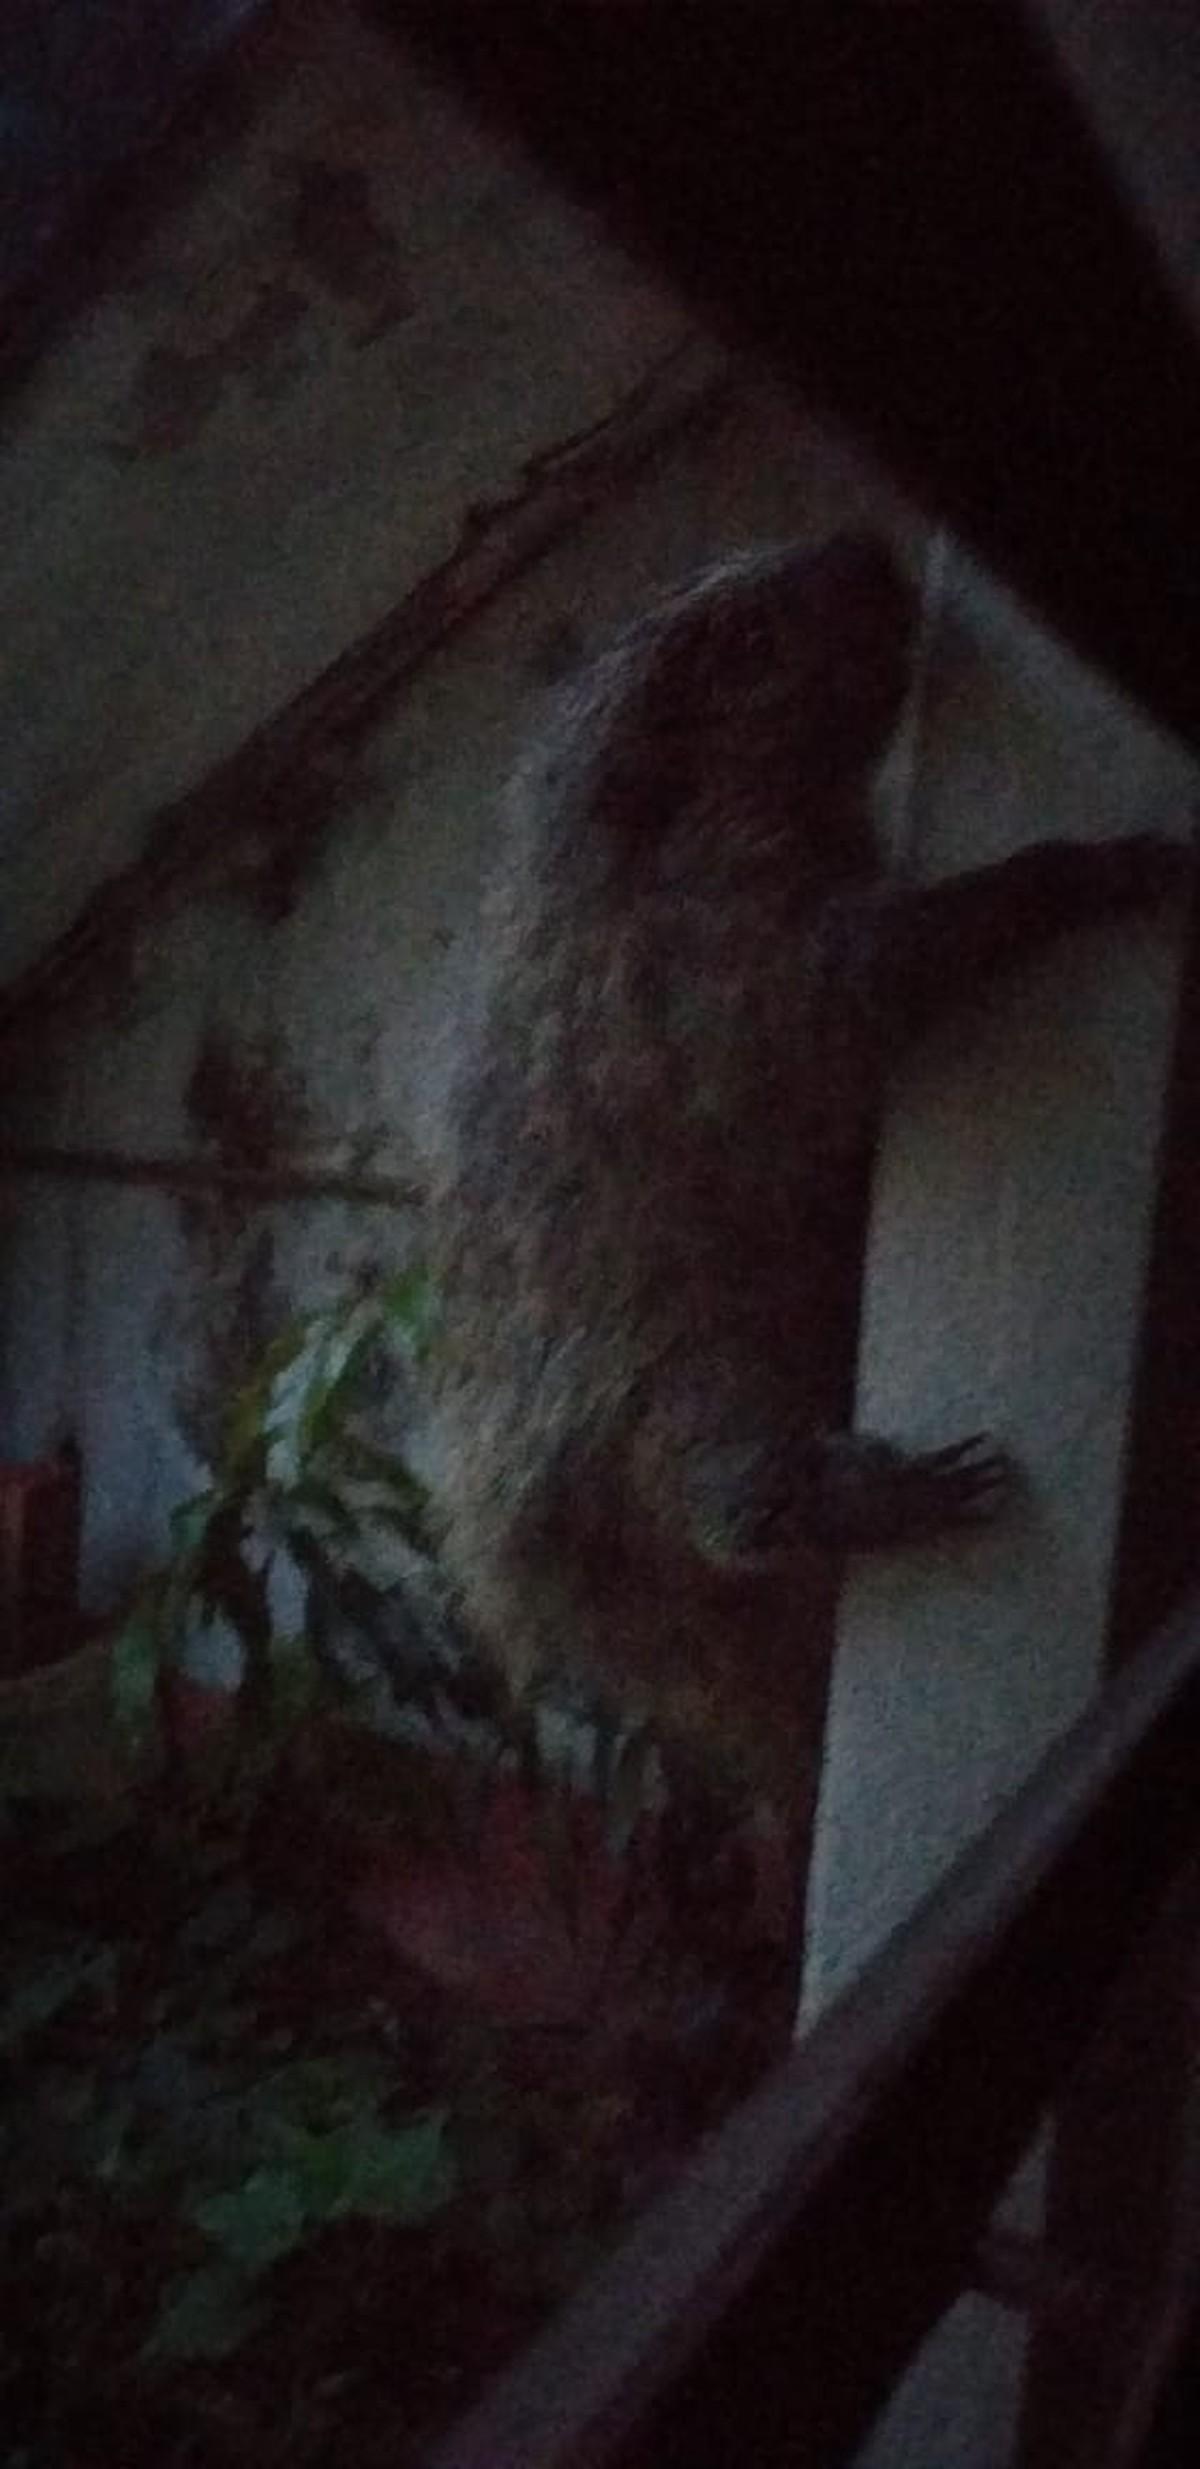 Porco-espinho 'invade' casa de Suzano e moradora busca ajuda para retirar animal - G1